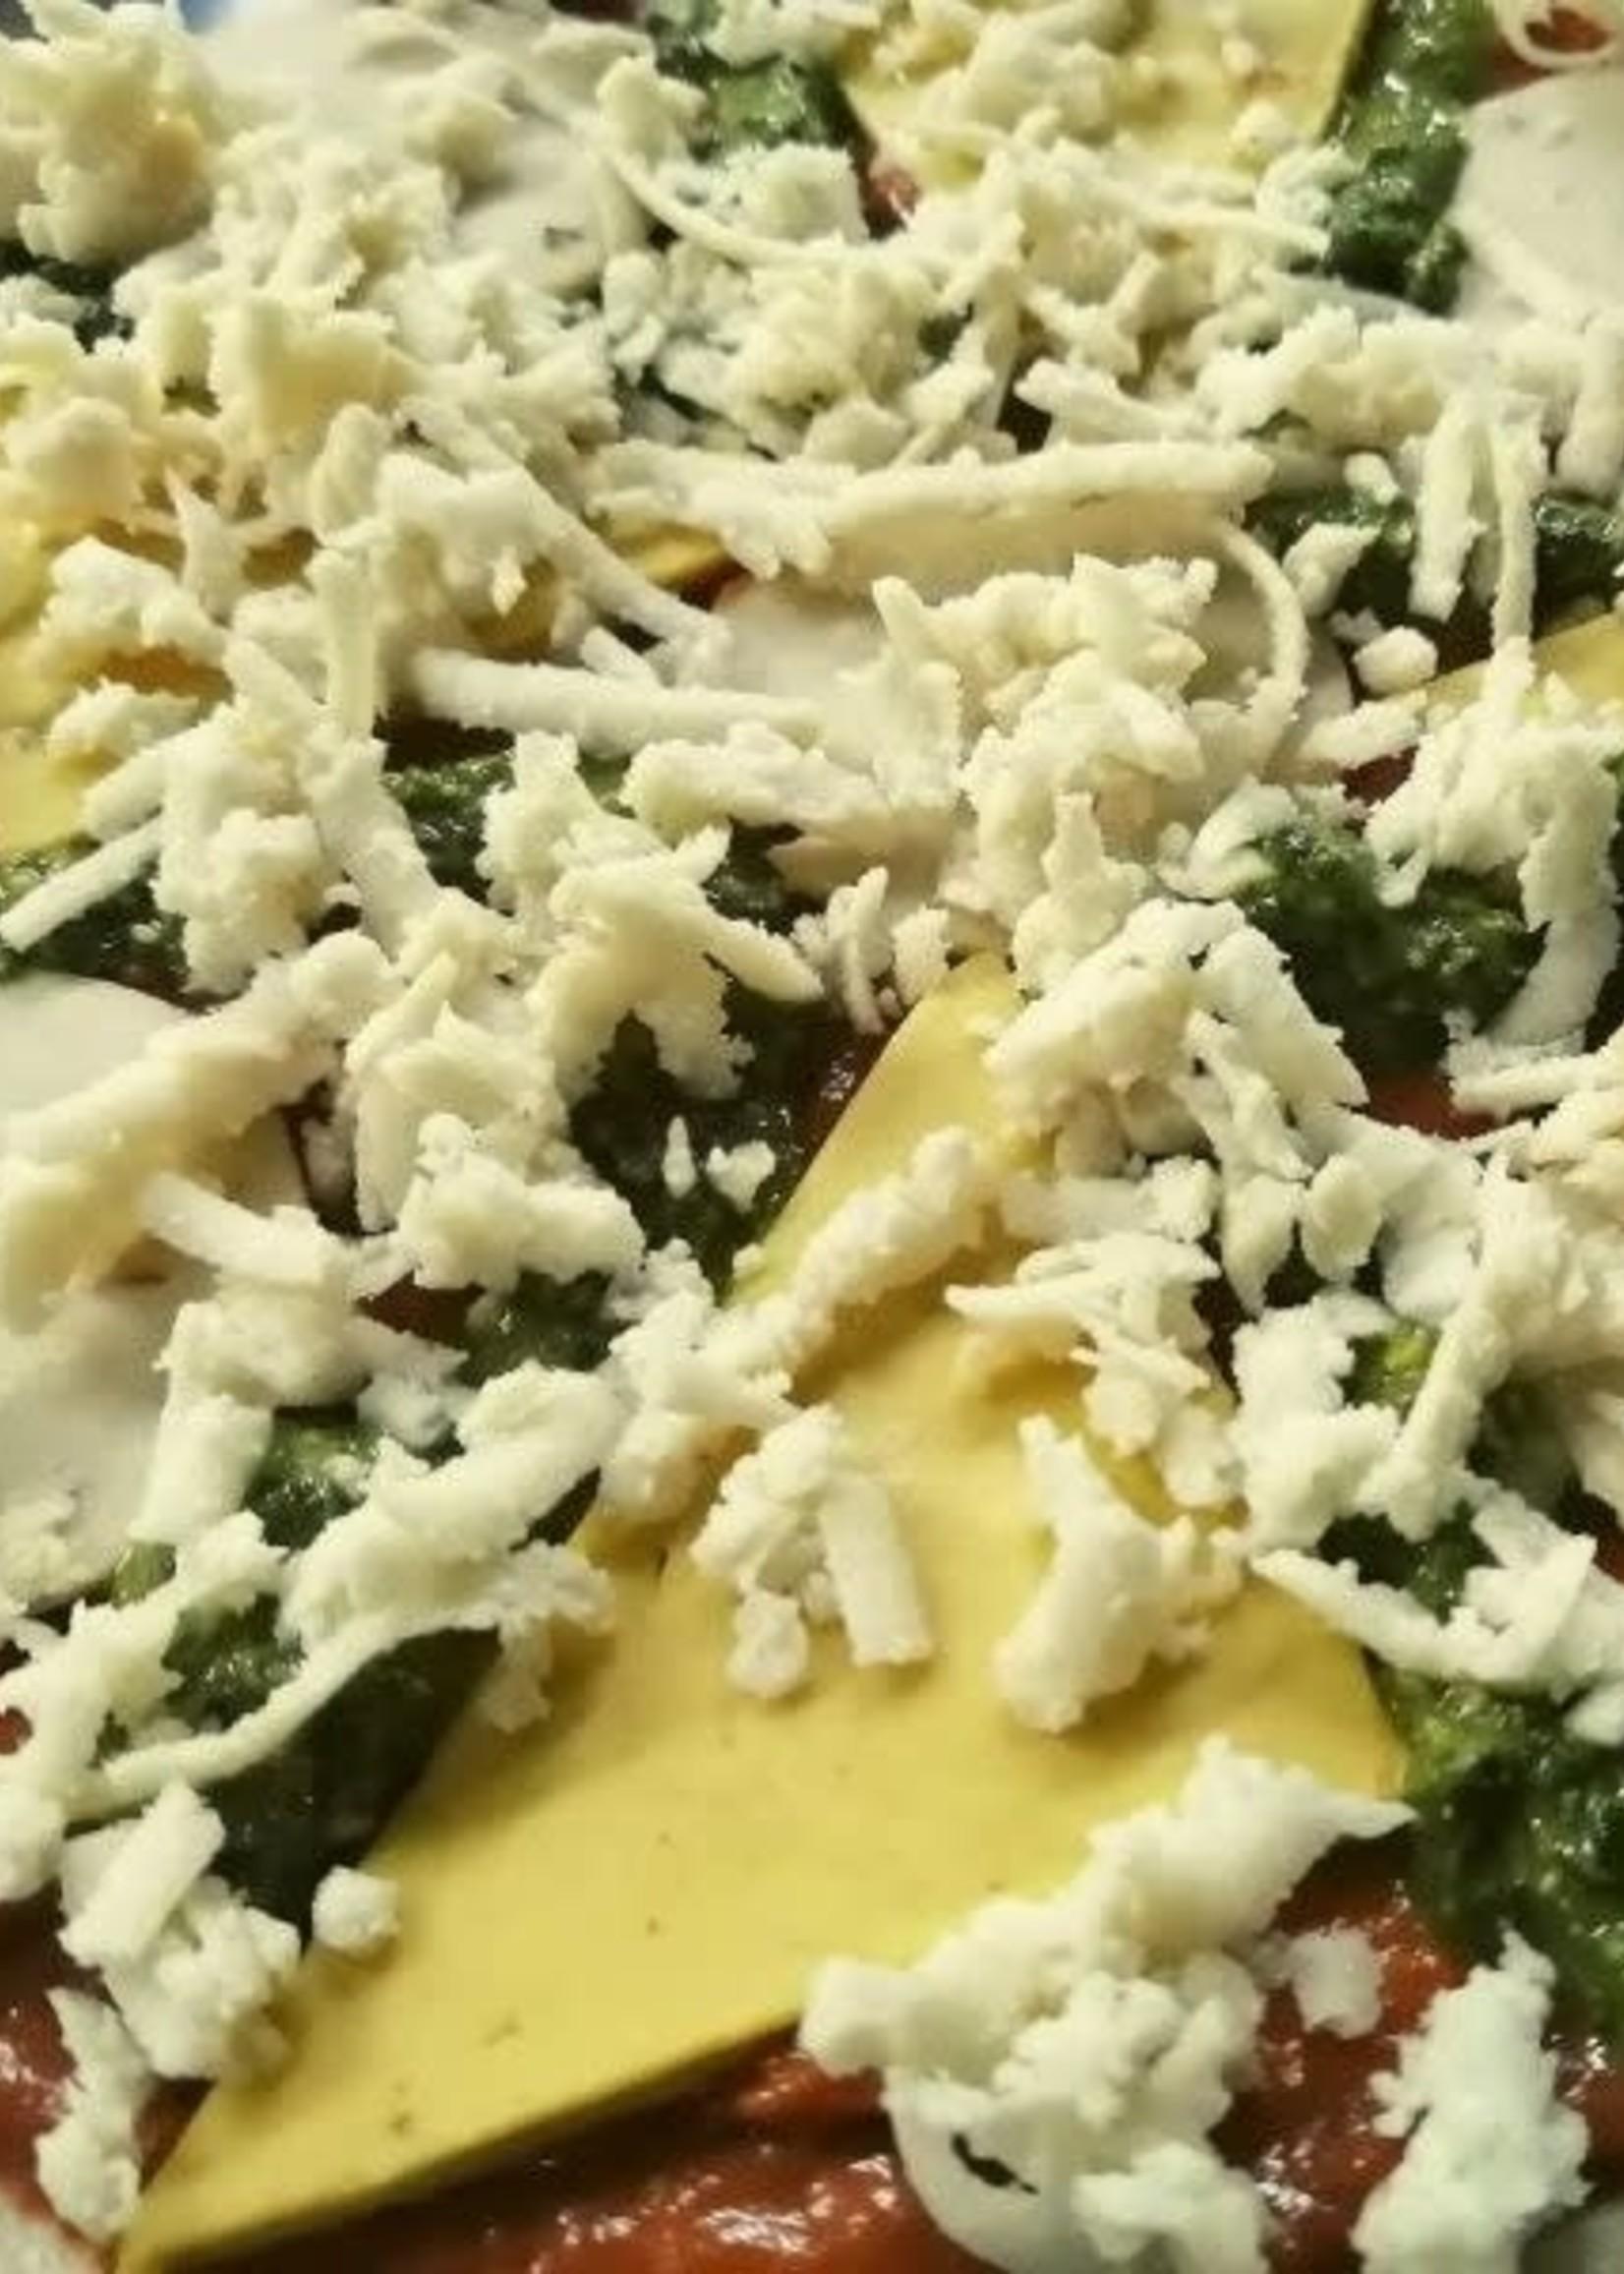 Irene's Irene's - GF 3 cheese & pesto pizza